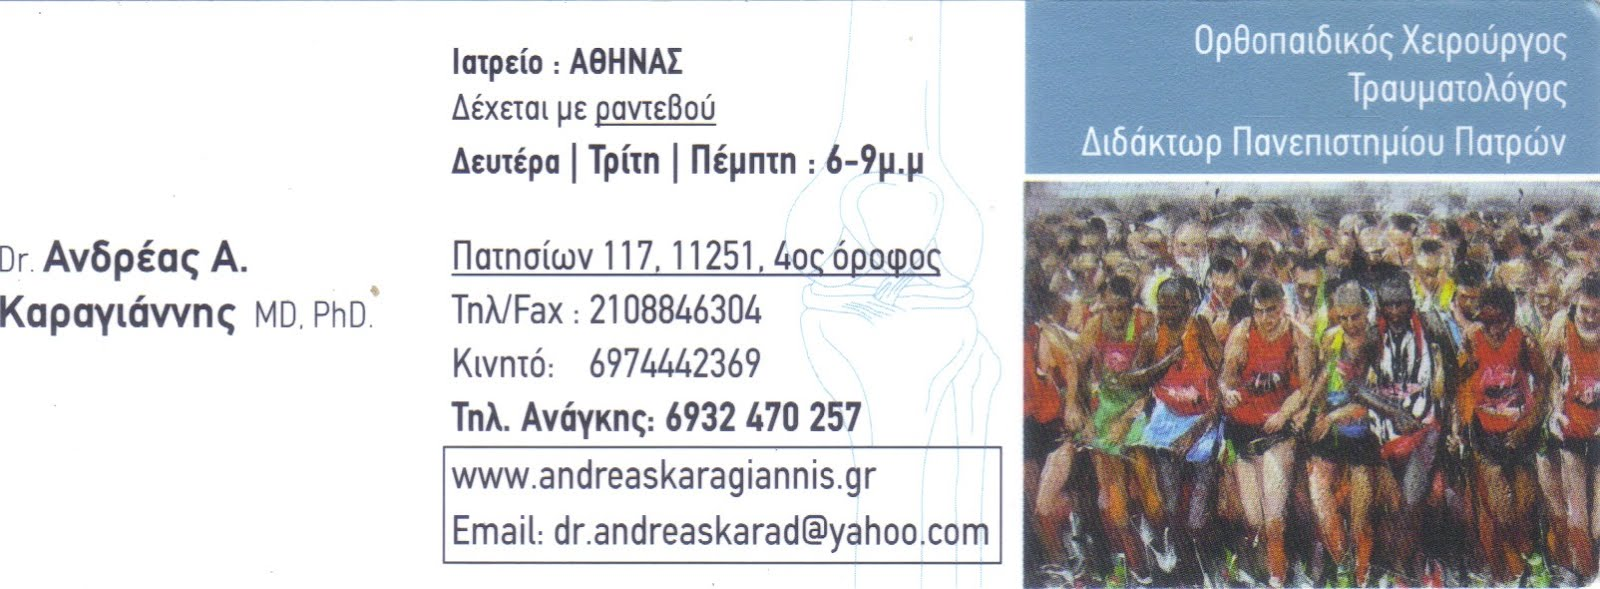 ΟΡΘΟΠΑΙΔΙΚΟΣ ΧΕΙΡΟΥΡΓΟΣ ΤΡΑΥΜΑΤΟΛΟΓΟΣ Dr ΑΝΔΡΕΑΣ ΚΑΡΑΓΙΑΝΝΗΣ